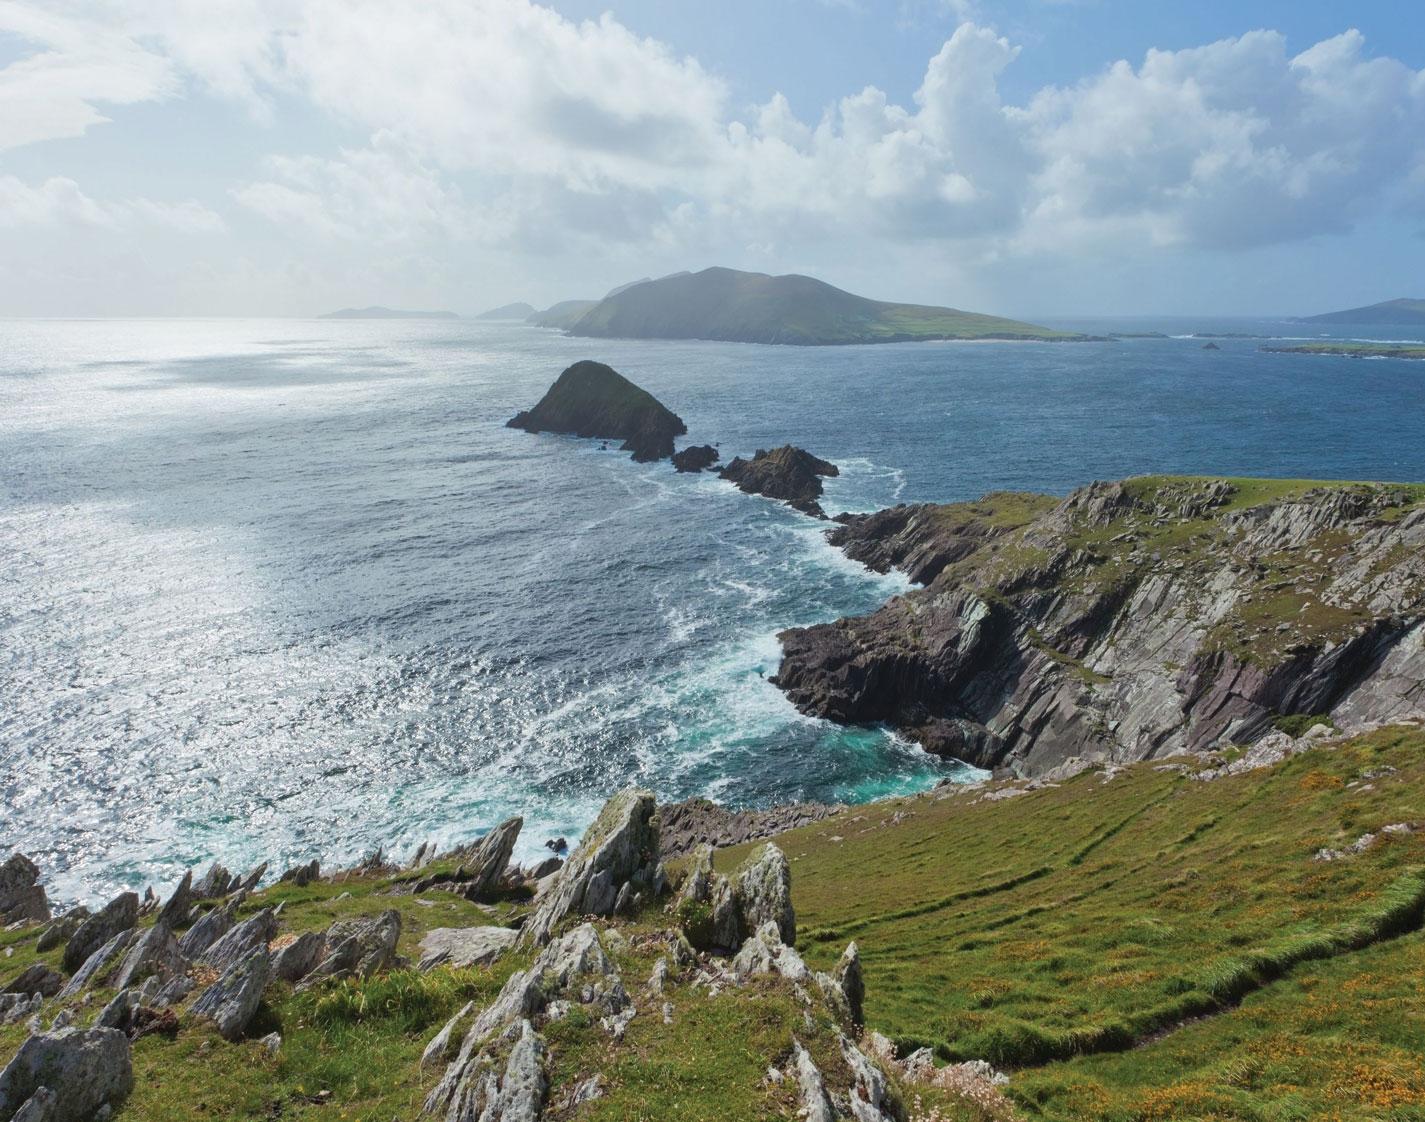 Slead Head, Dingle Peninsula, Co. Kerry. Ireland's Wild Atlantic Way